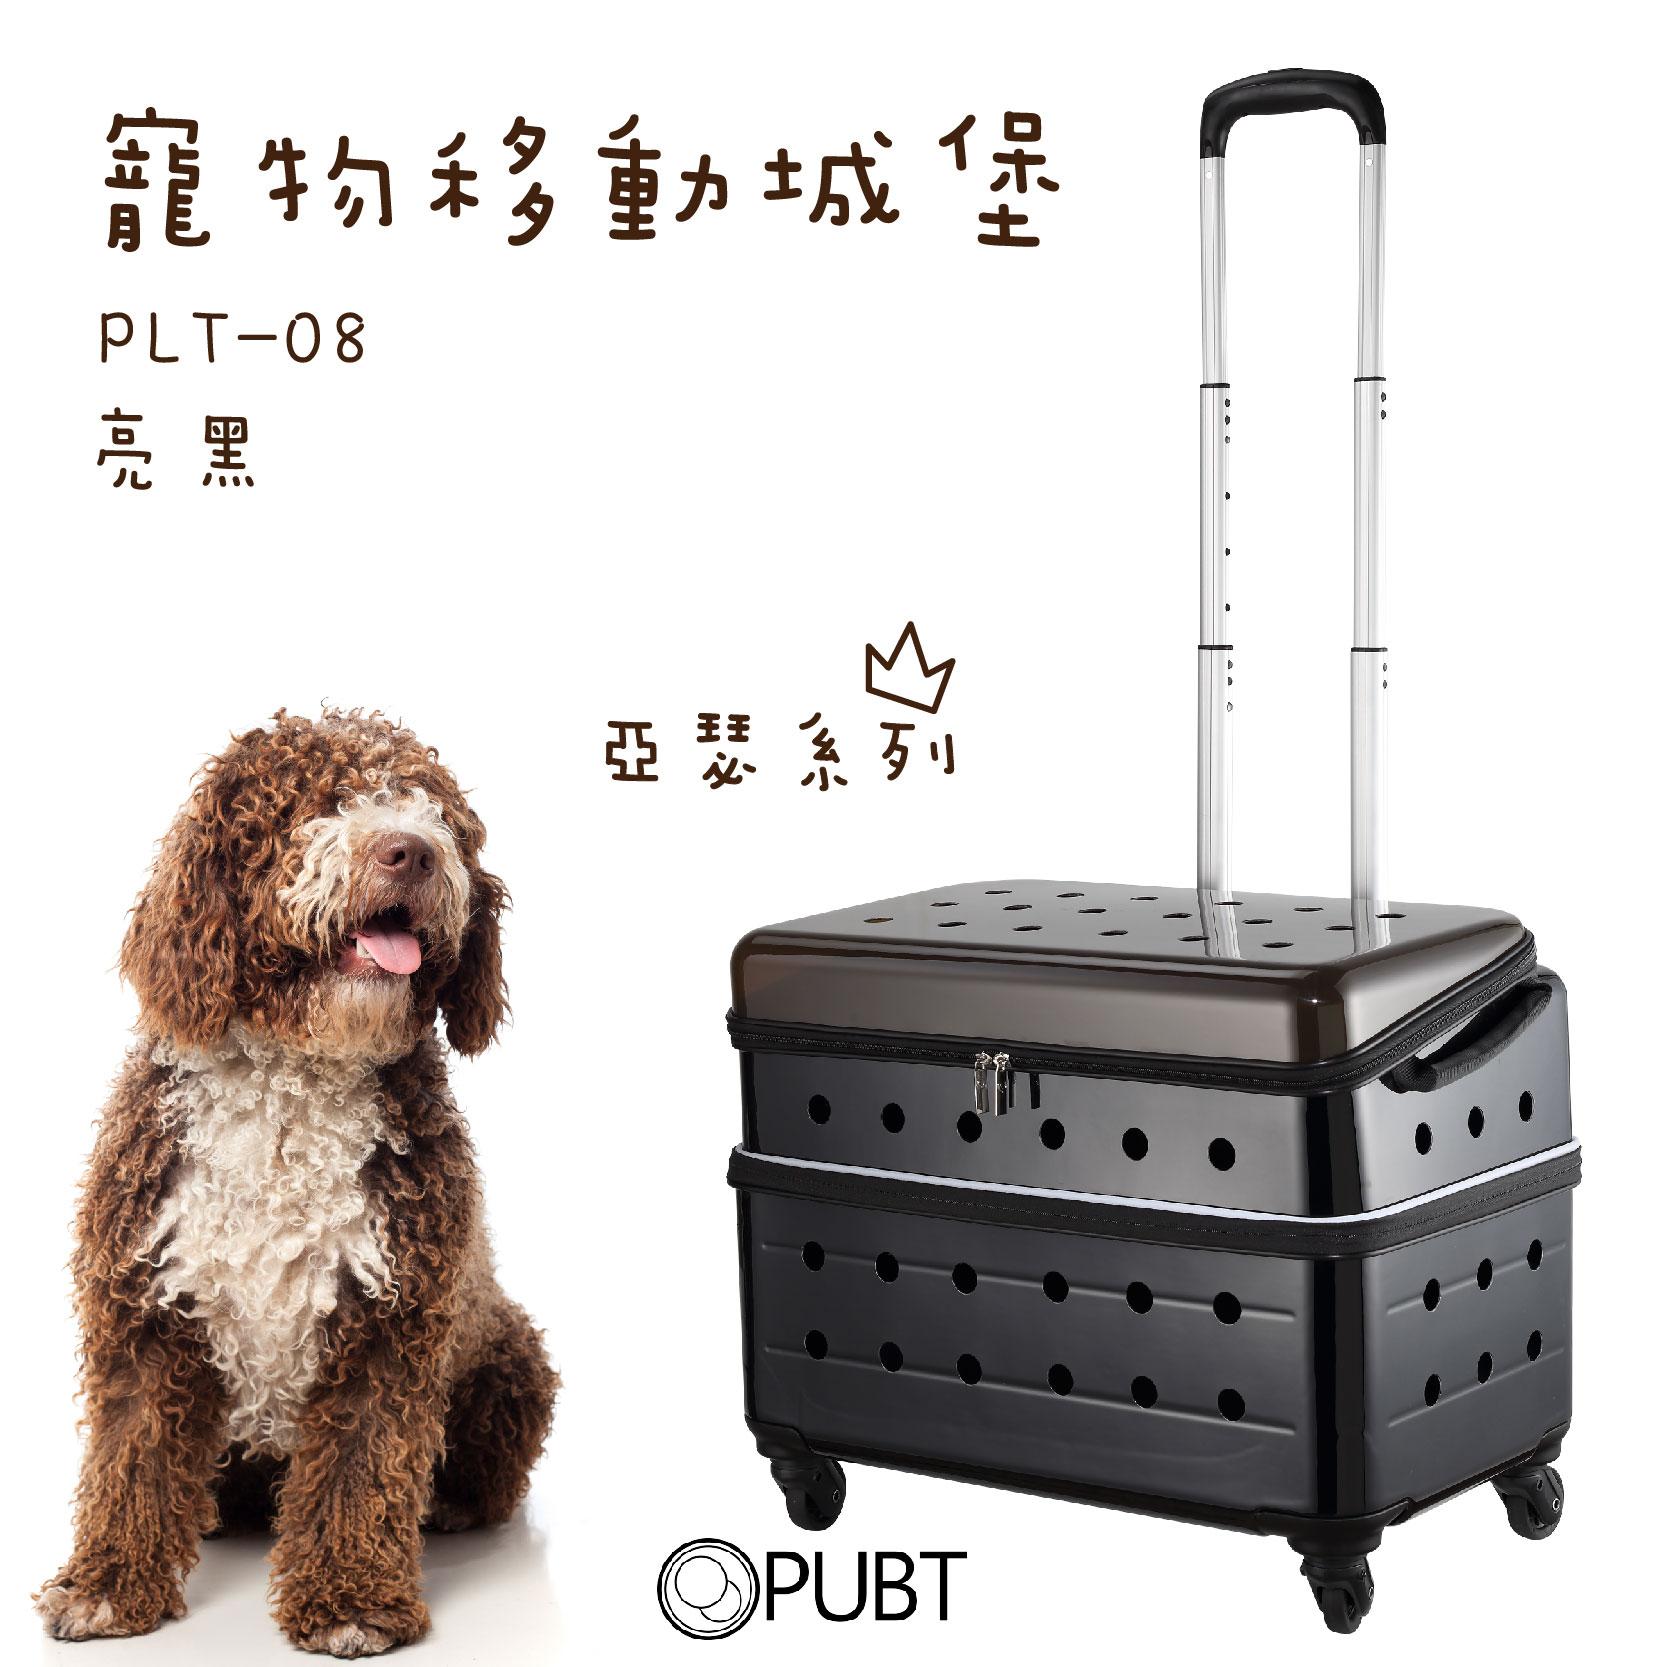 亞瑟系列│PUBT PLT-08 寵物推車 亮黑 寵物外出包 寵物拉桿包 寵物 適用12kg以下犬貓